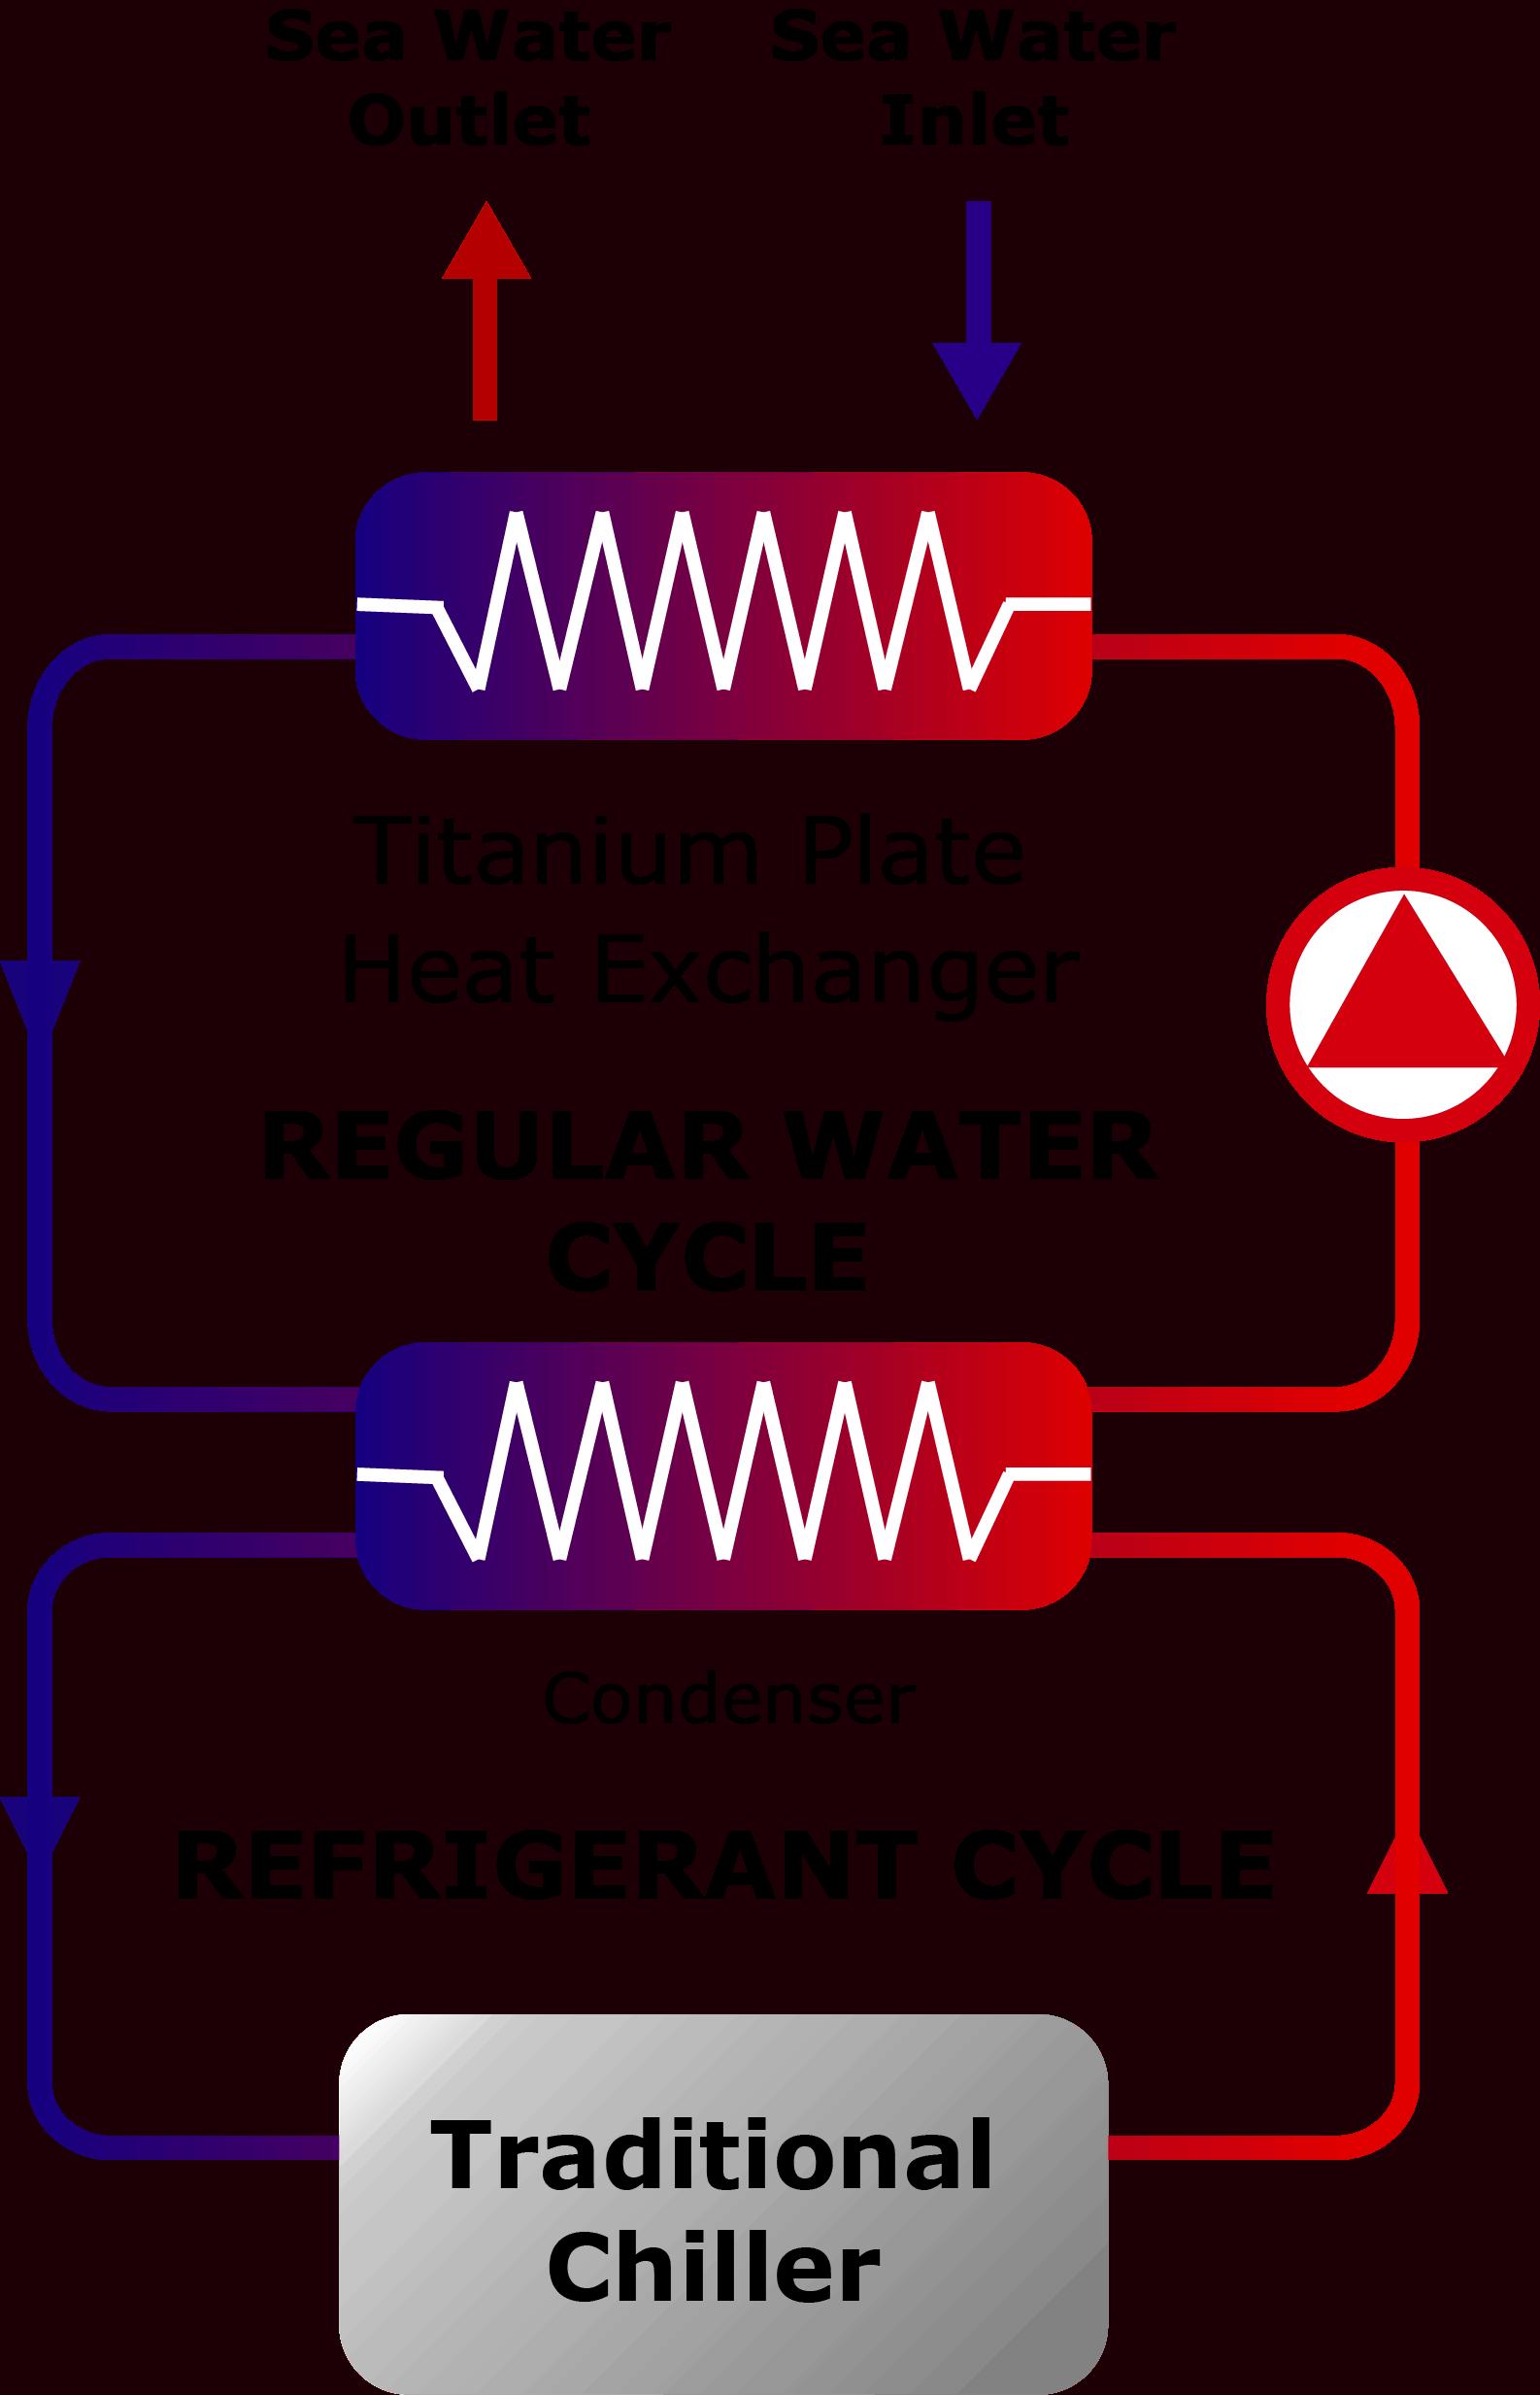 sea water condensation scheme